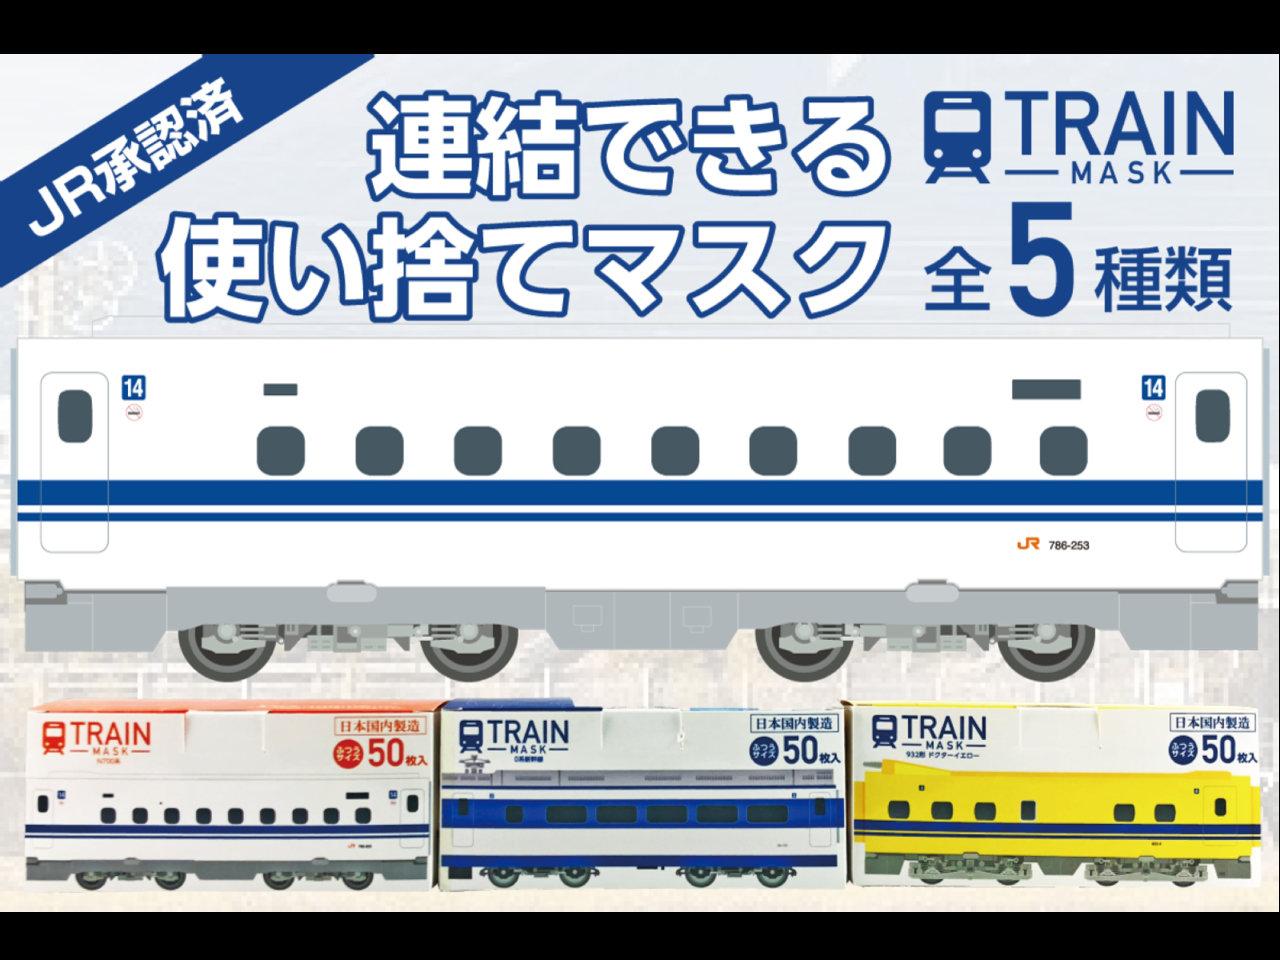 鉄道ファン必見。JR承認済の電車を連結ができる数量限定「トレインマスク」。1箱1980円。